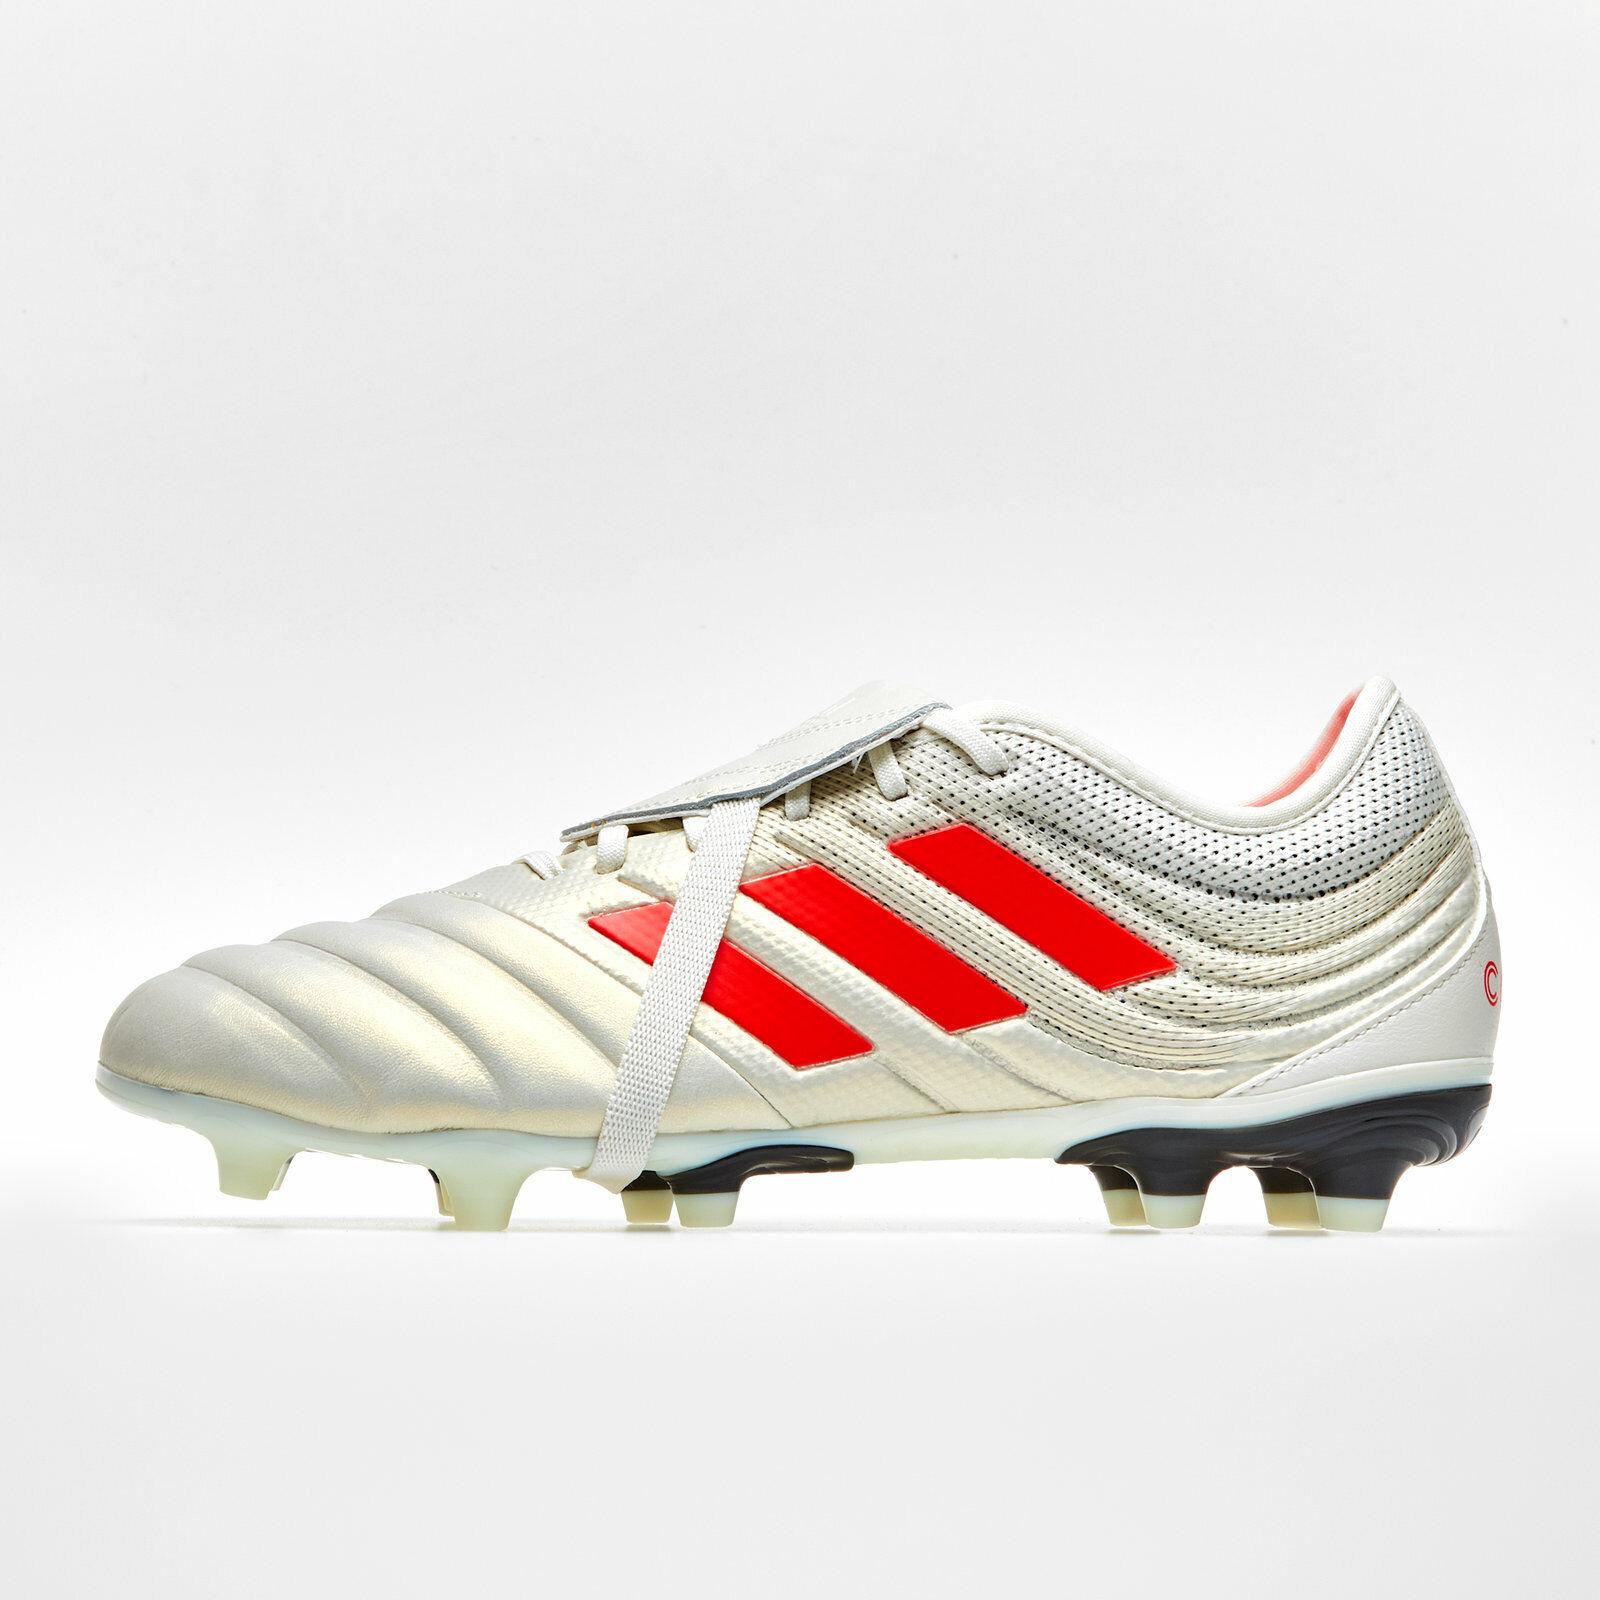 Adidas mannens Copa Glgoud 19.2 Football laarzen Studs Trainers Sportschoenen wit